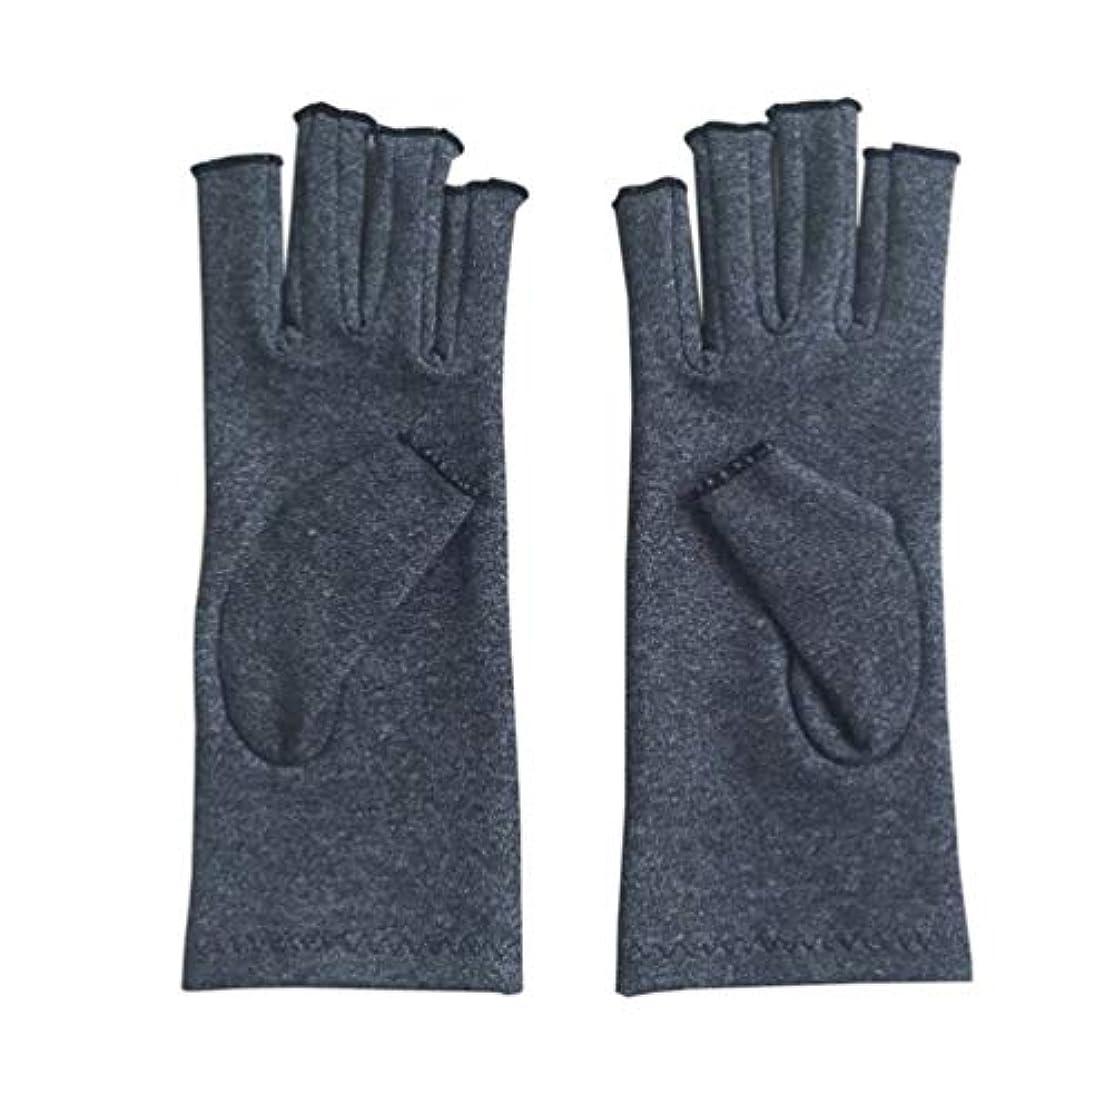 ヒギンズカートリッジ仮定するペア/セット快適な男性女性療法圧縮手袋無地通気性関節炎関節痛緩和手袋 - グレーM